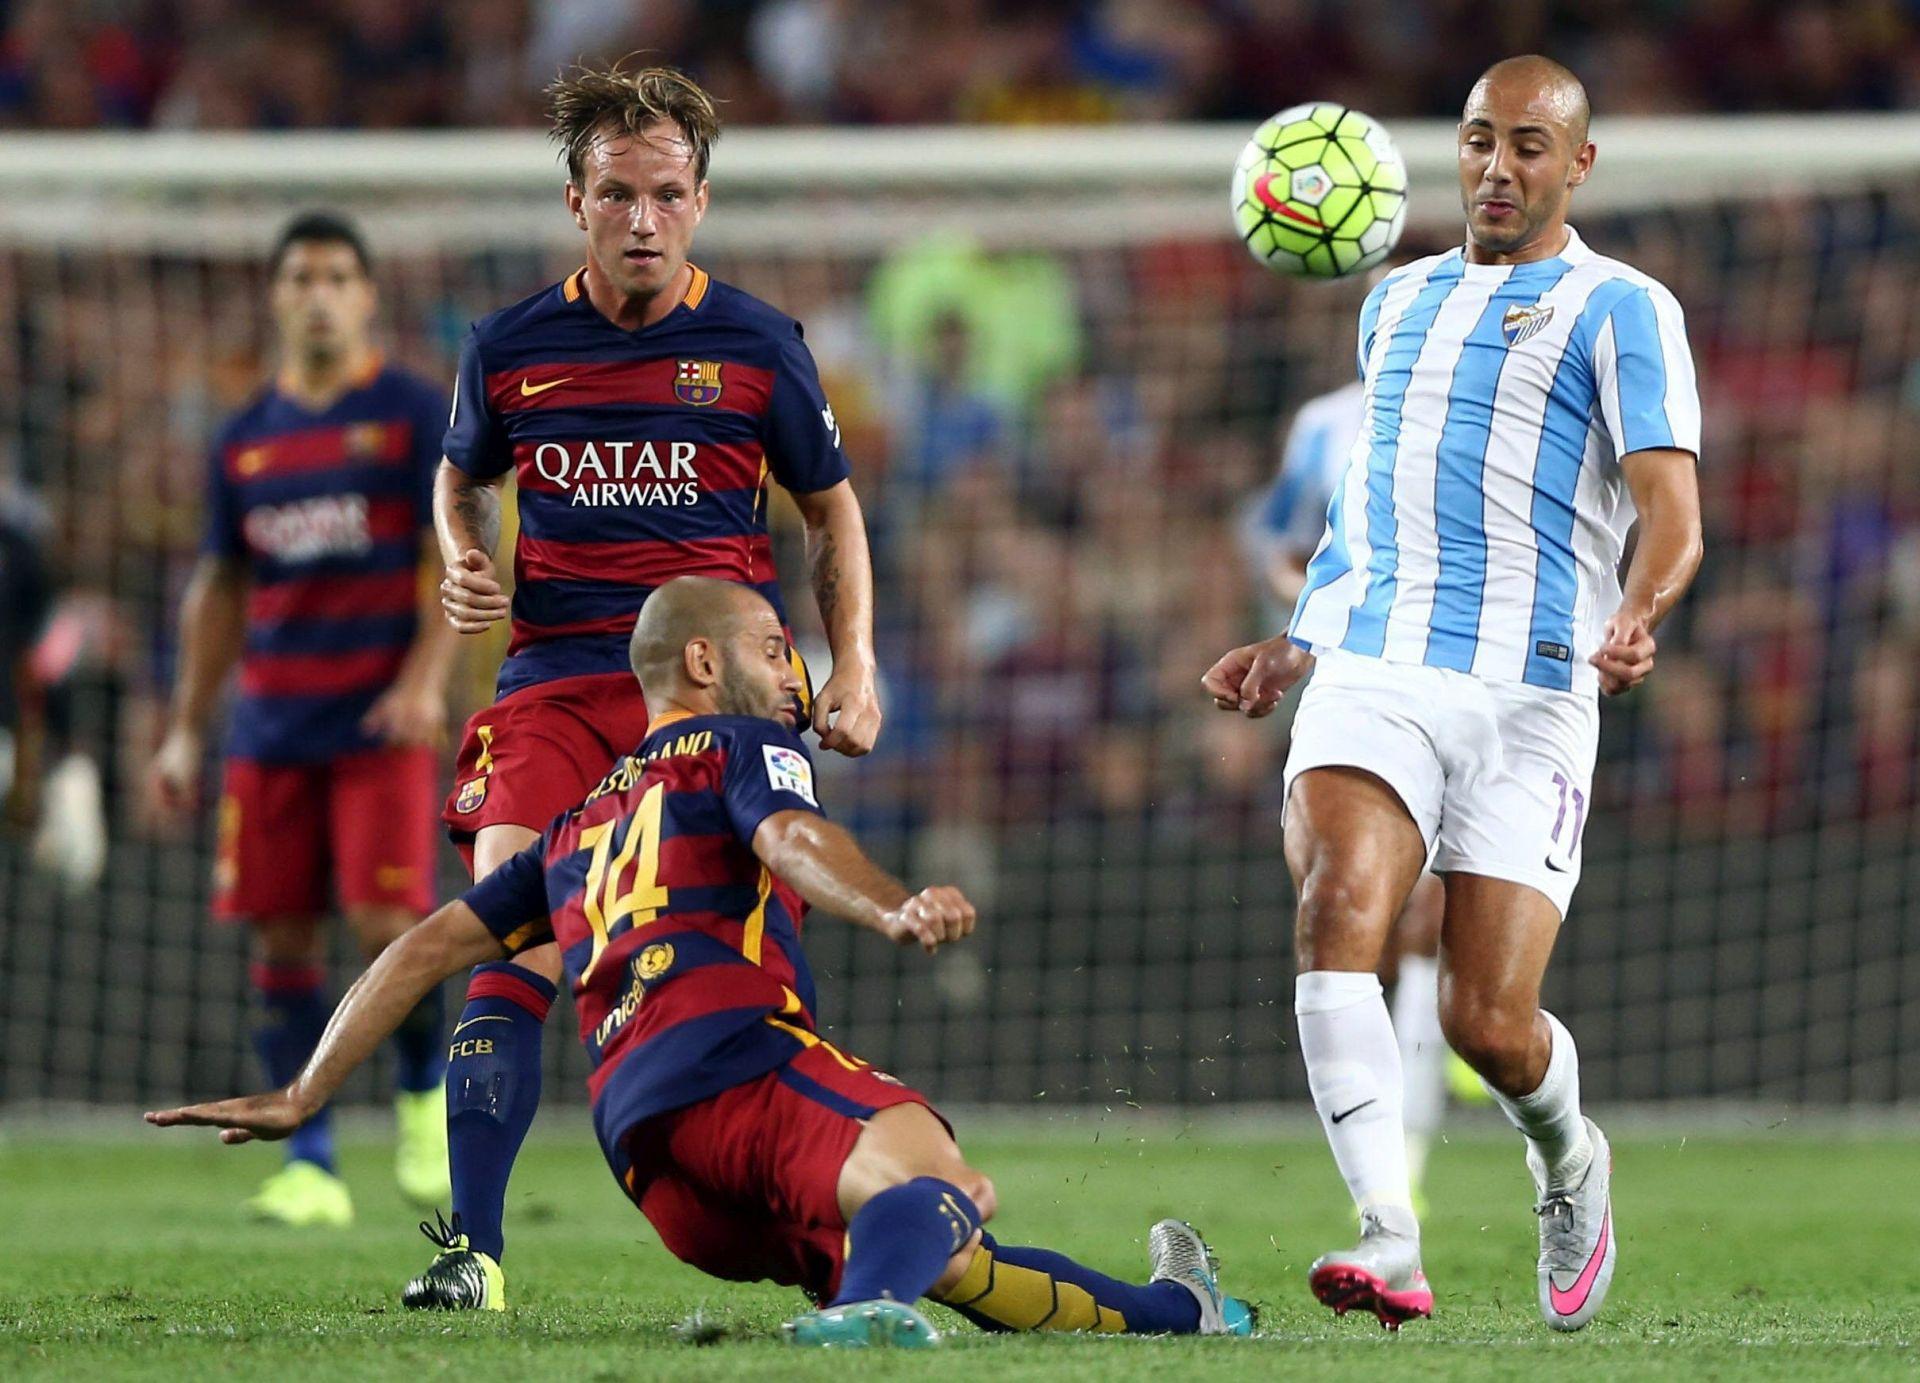 ŠTO JE S BARCELONOM I POREZIMA? Nakon Messija, i Mascherano i Neymar pod istragom zbog utaje poreza